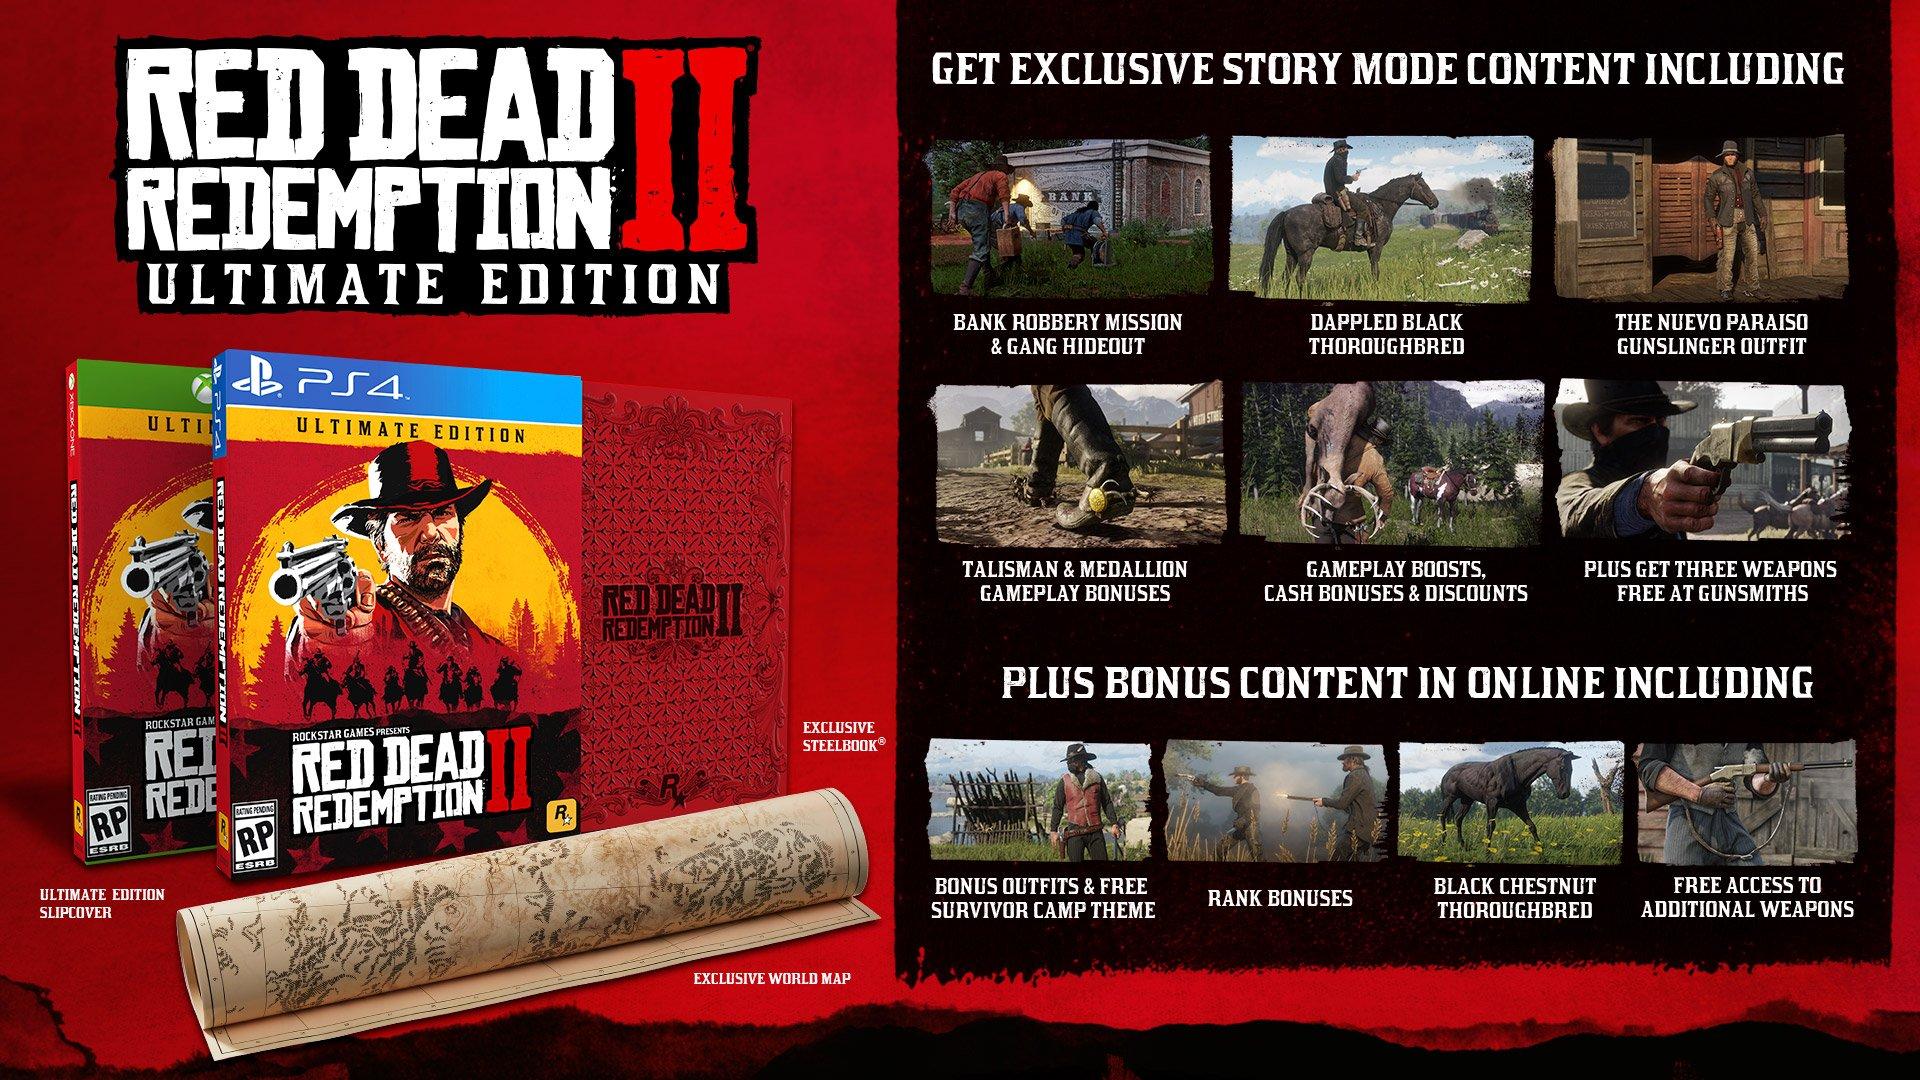 Odhaleny speciální edice Red Dead Redemption 2 Red Dead Redemption ultimatni edice